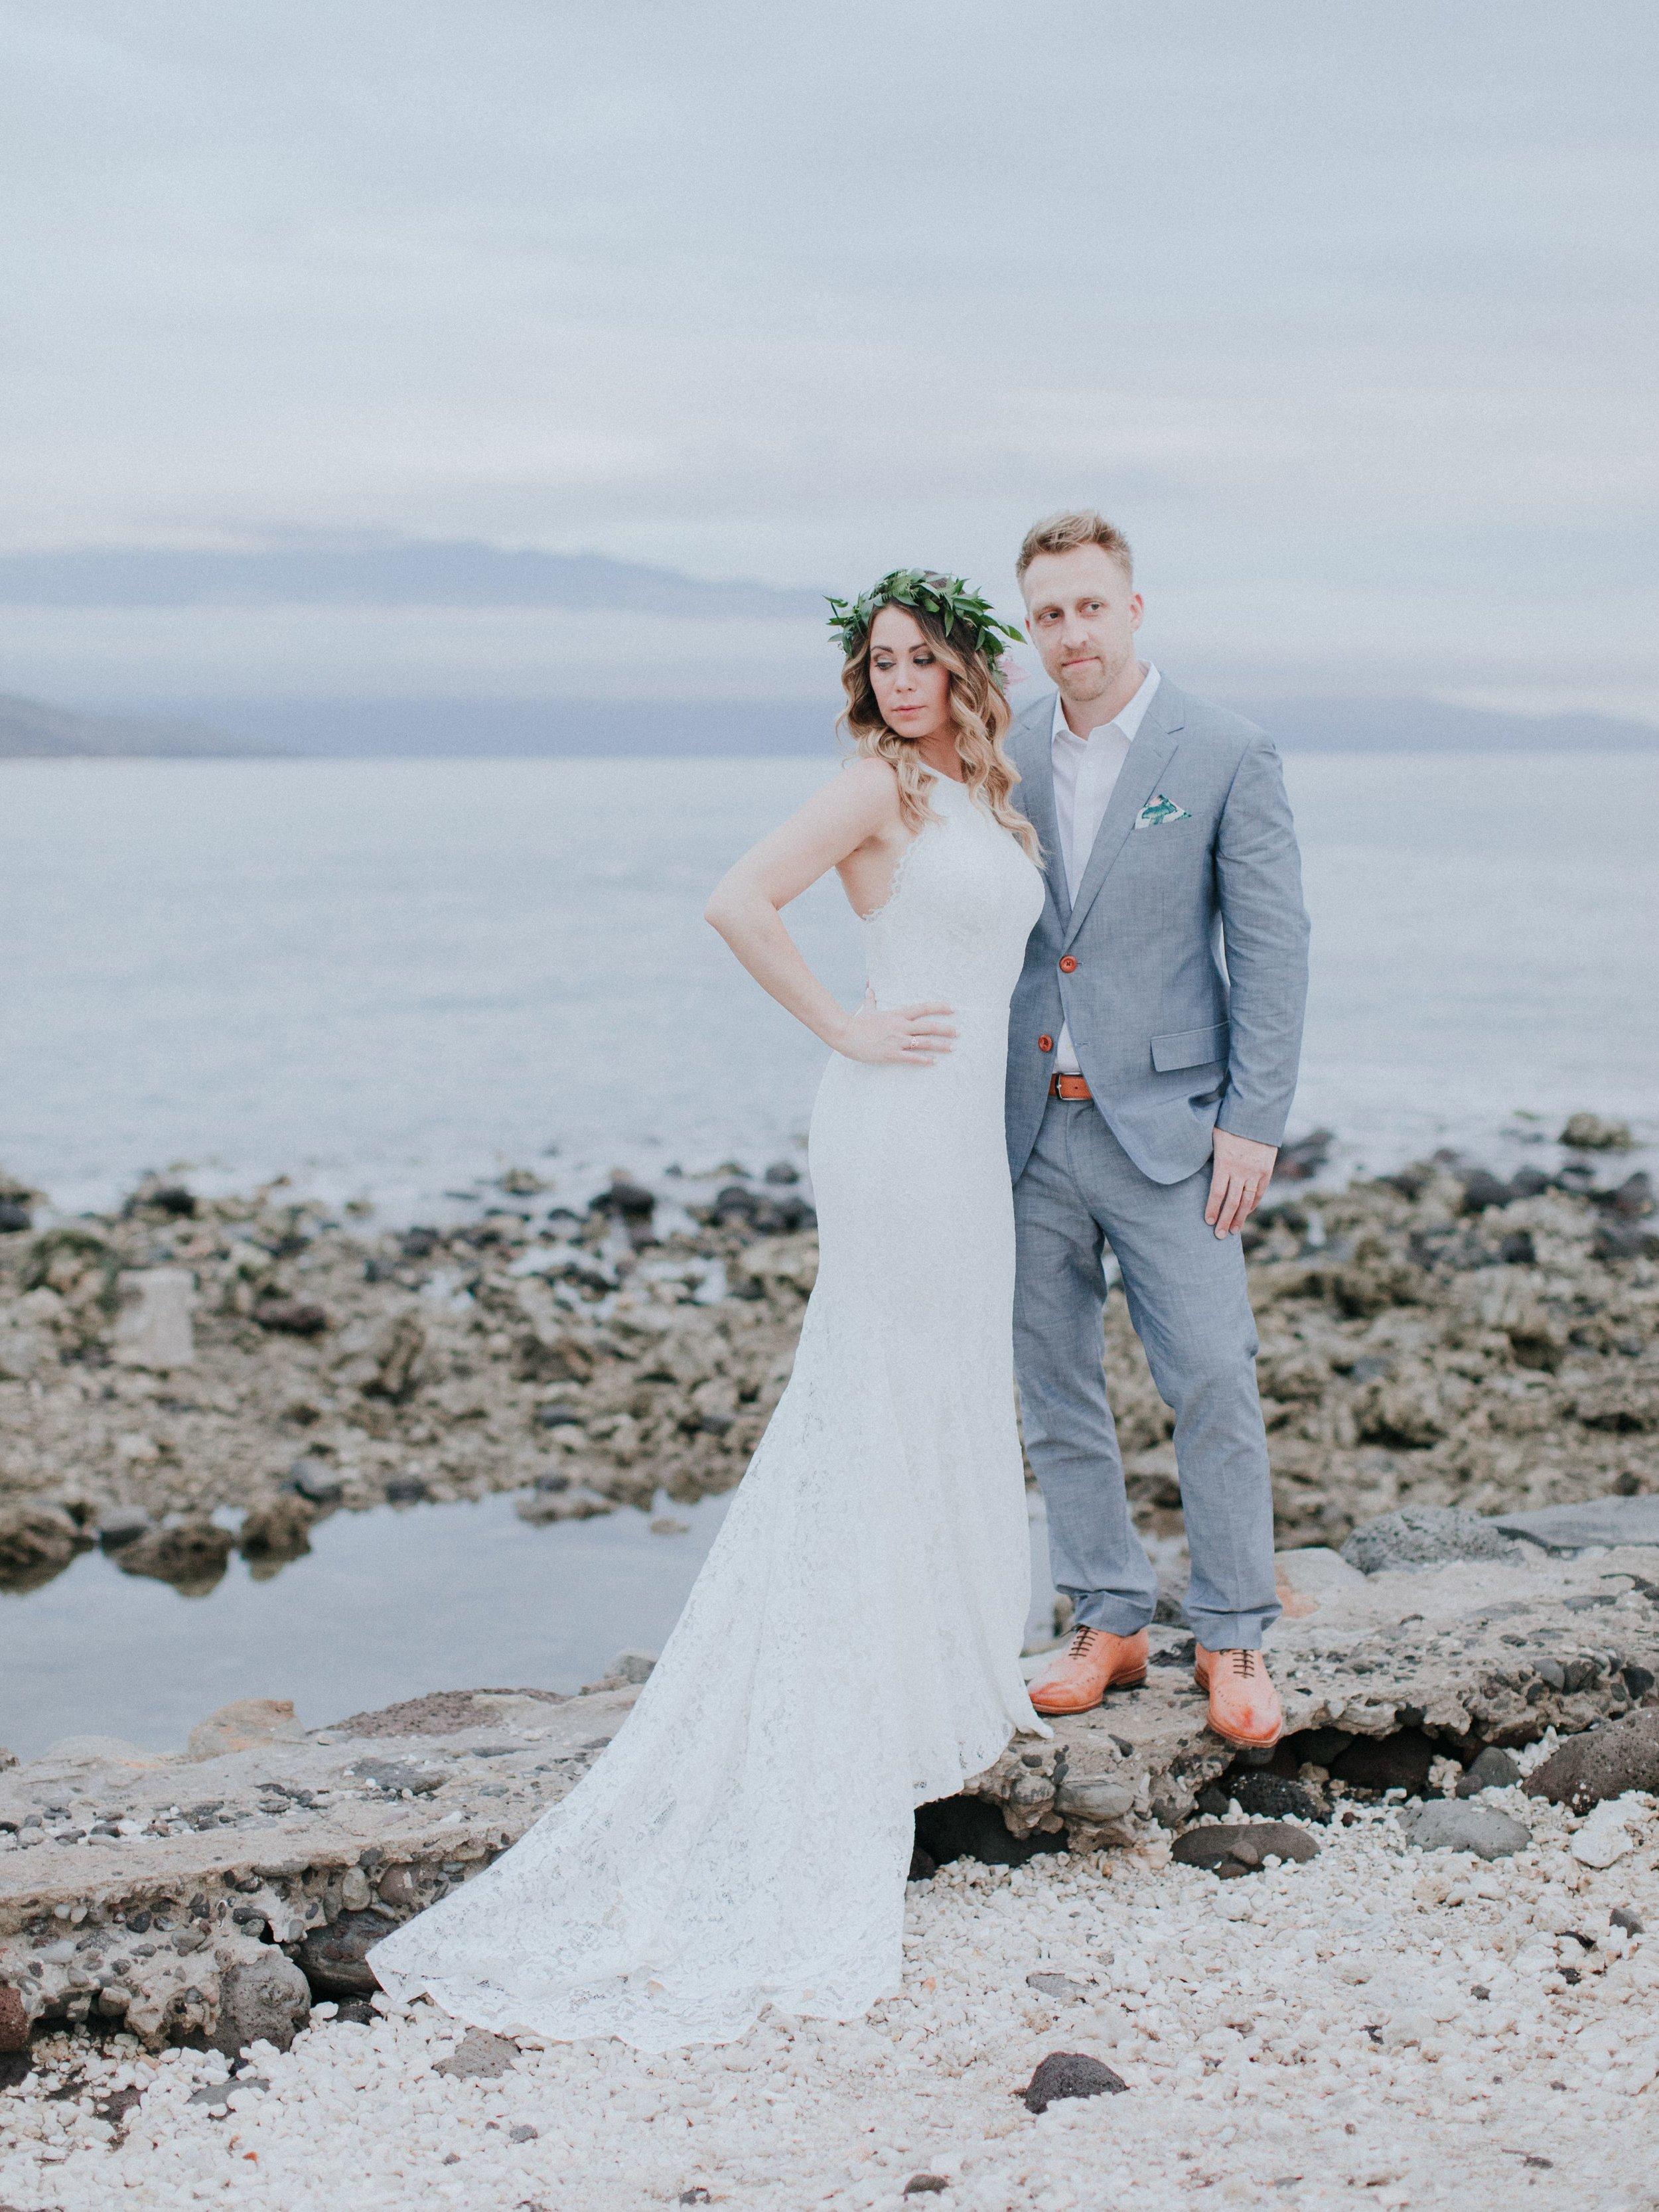 Chris-J-Evans-maui-wedding-JA3617.jpg